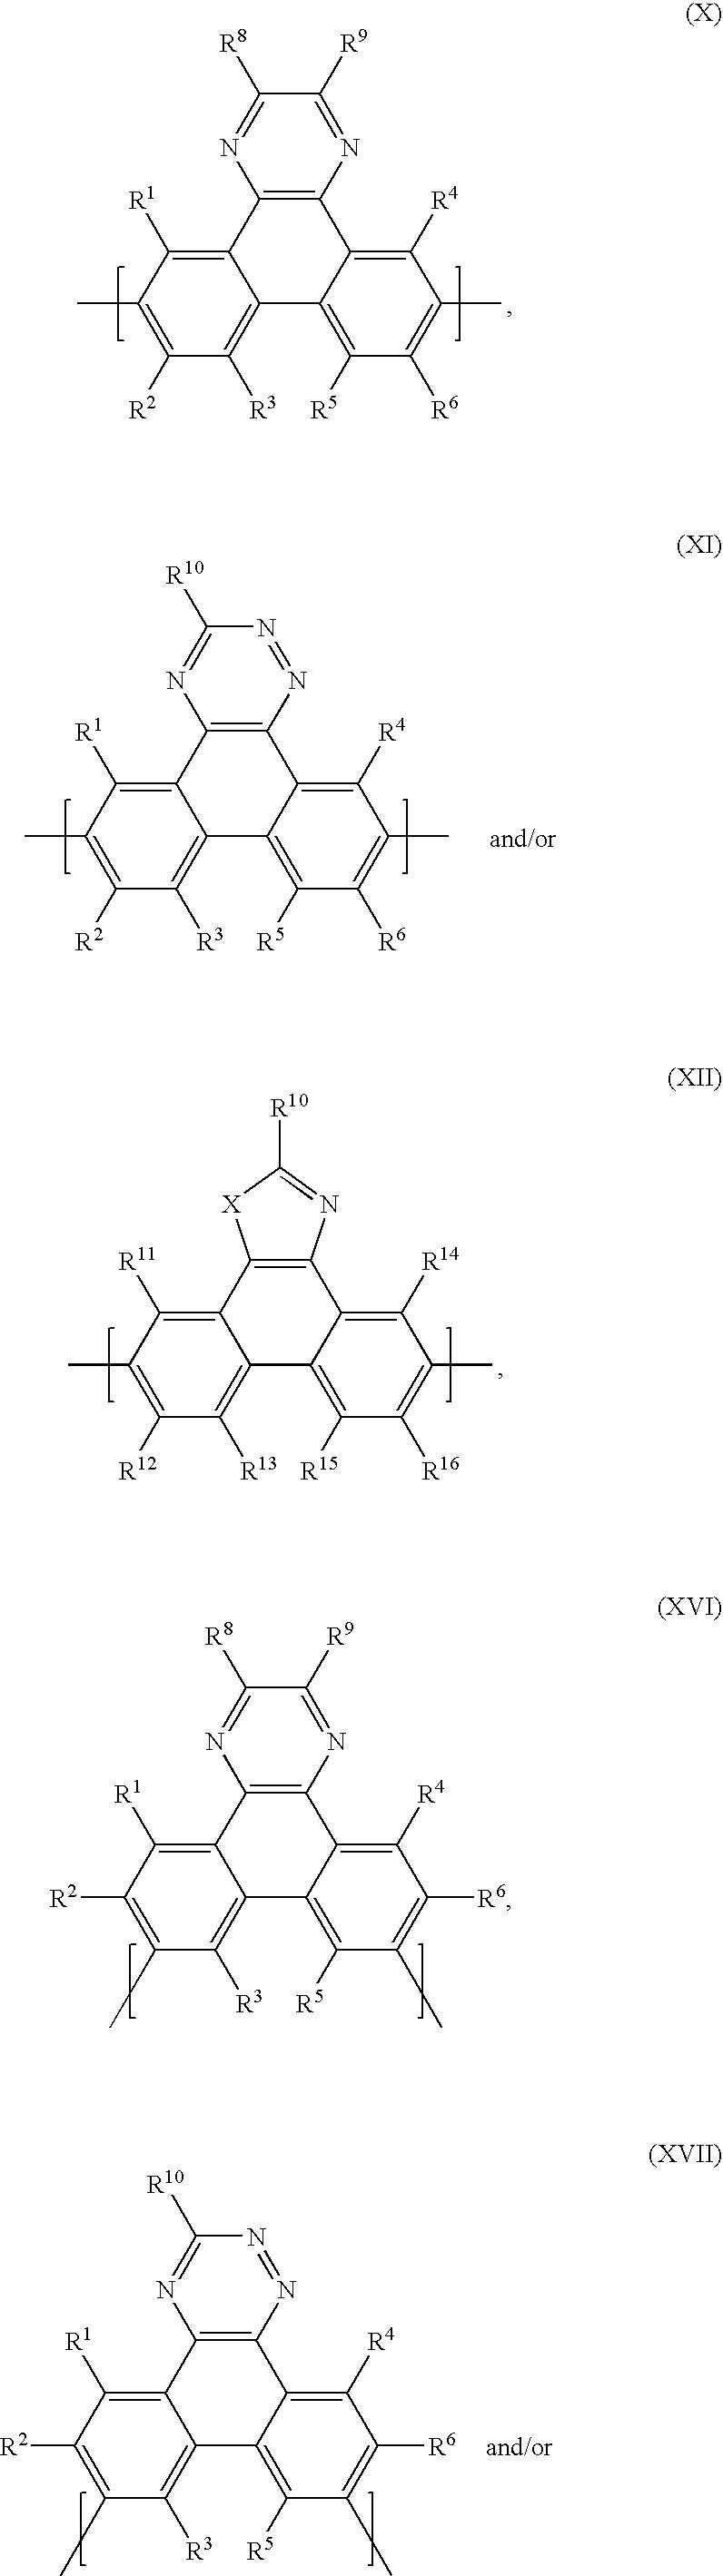 Figure US20090105447A1-20090423-C00256